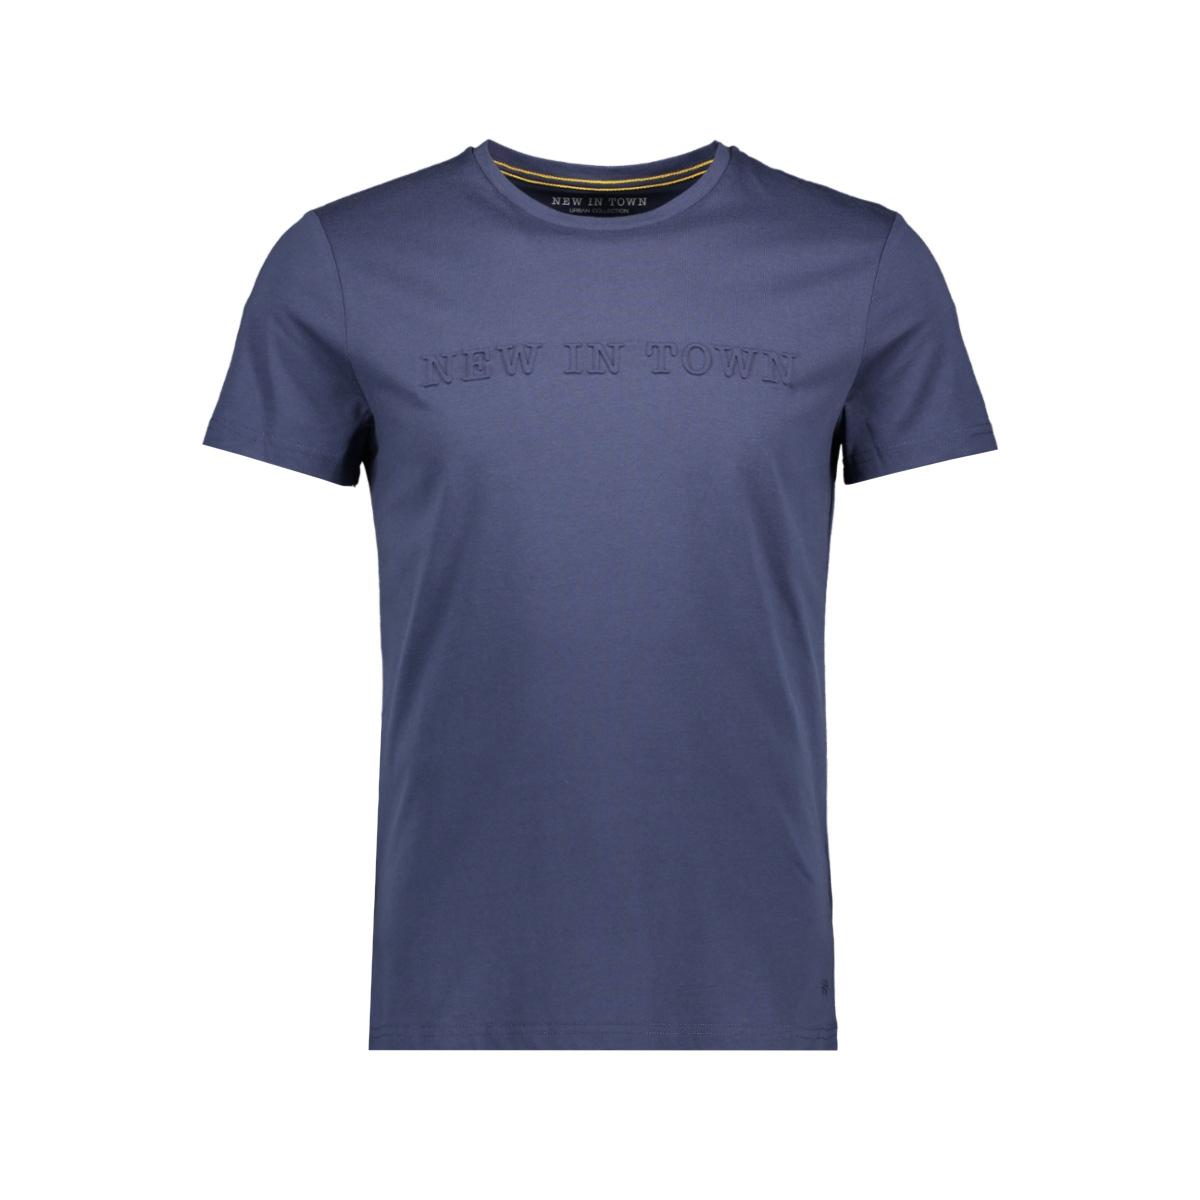 t shirt serafino 8923030 new in town t-shirt 483